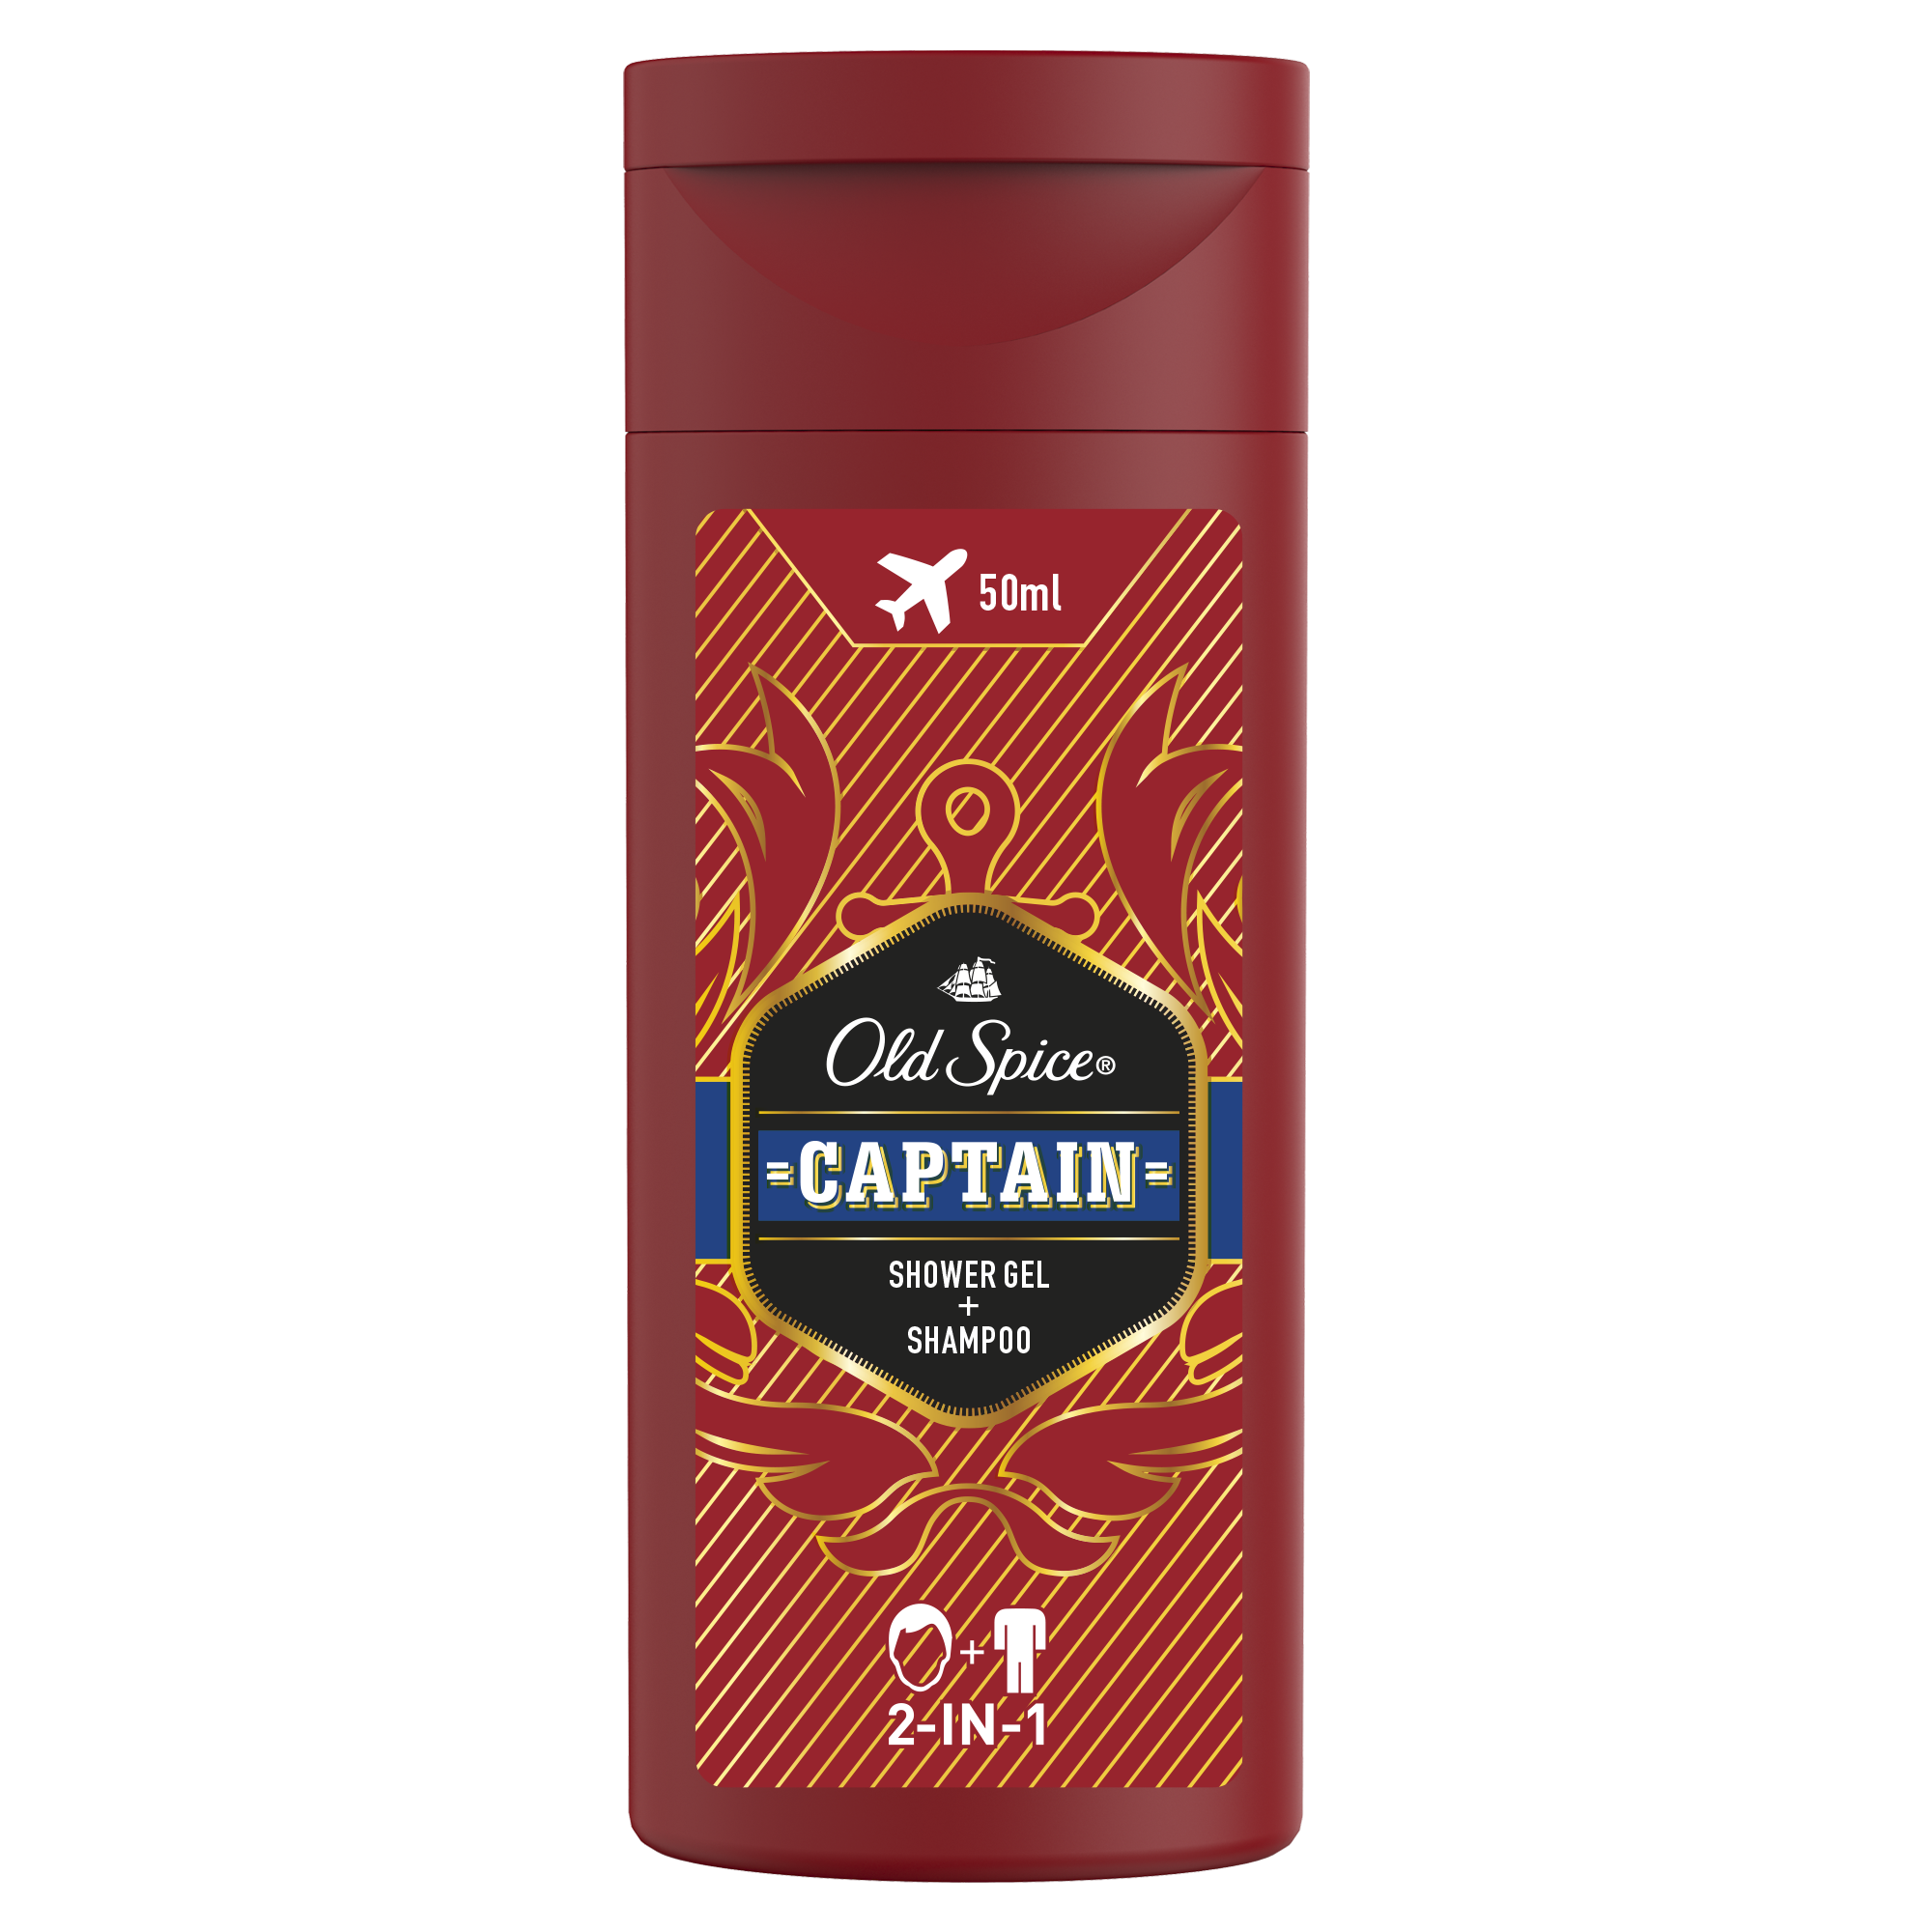 Гель для душа и шампунь Old Spice Captain 2в1 50мл